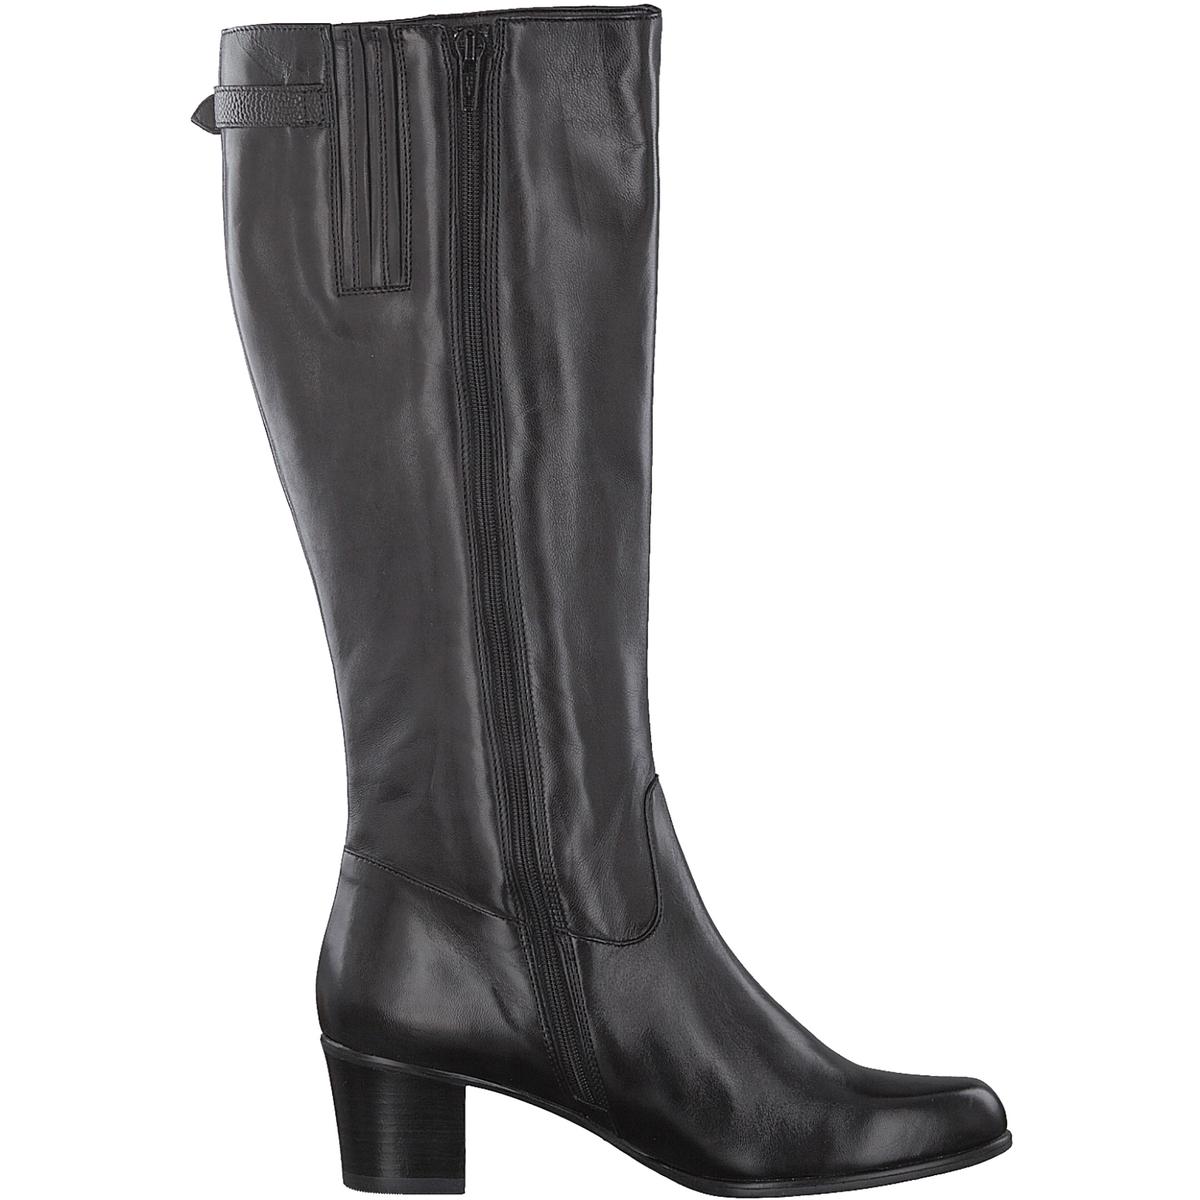 Сапоги кожаные WeltyДетали •  Классическая модель •  Широкий каблук •  Круглый мысок •  Застежка : на молнию •  Высота голенища : 37 см для размера 37 •  Высота каблука : 5 смСостав и уход •  Верх 100% кожа •  Подкладка 100% текстиль •  Стелька 50% синтетического материала, 50% текстиля<br><br>Цвет: черный<br>Размер: 38.39.40.37